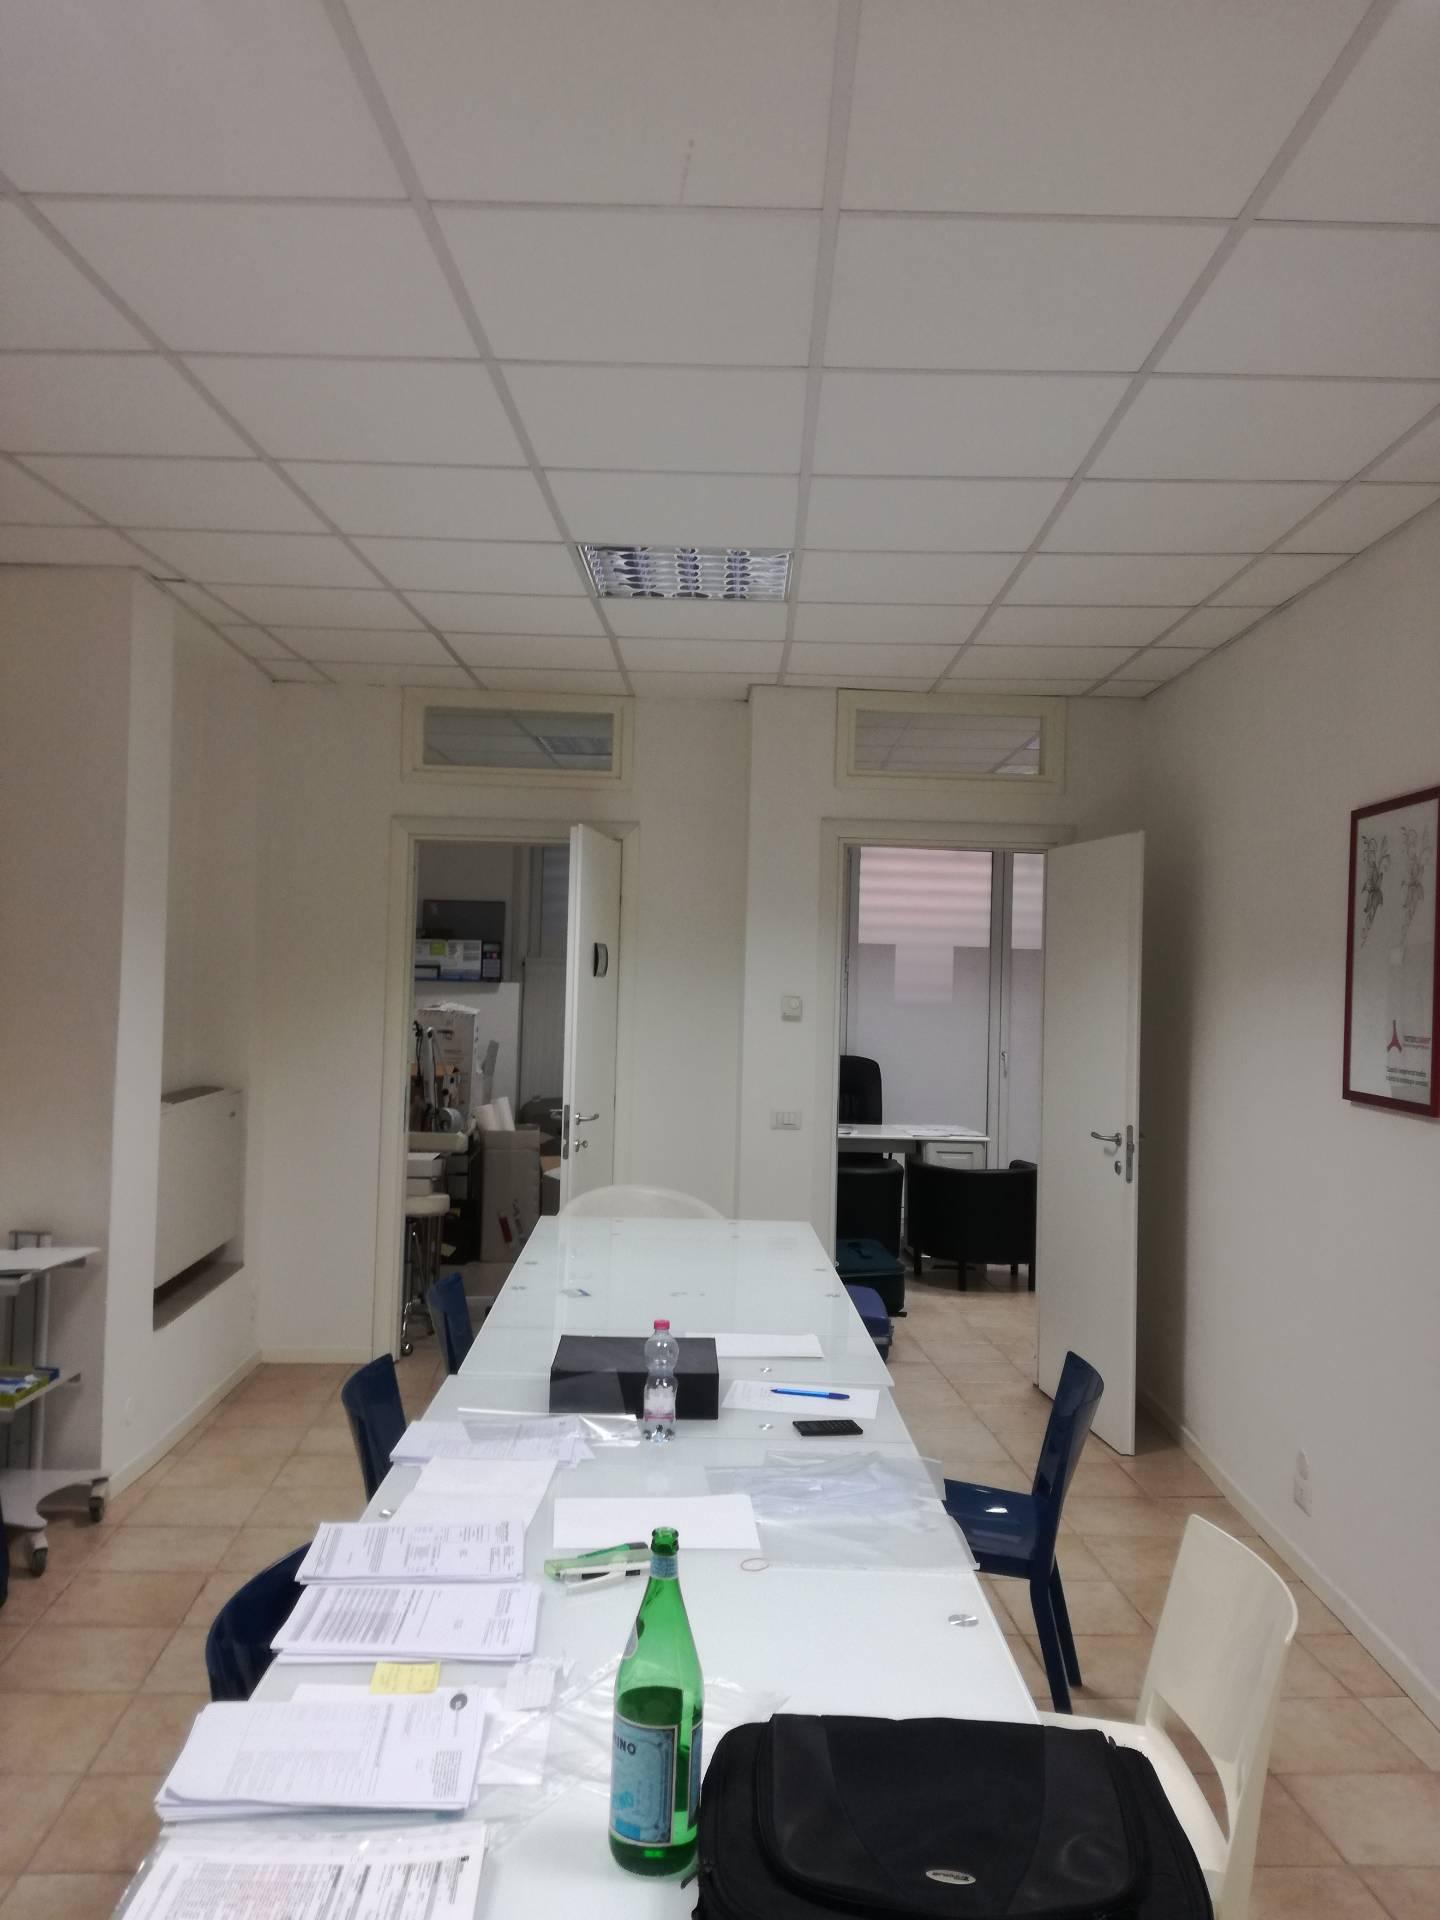 Negozio / Locale in affitto a Verbania, 9999 locali, zona Località: Intracentro, prezzo € 650 | CambioCasa.it